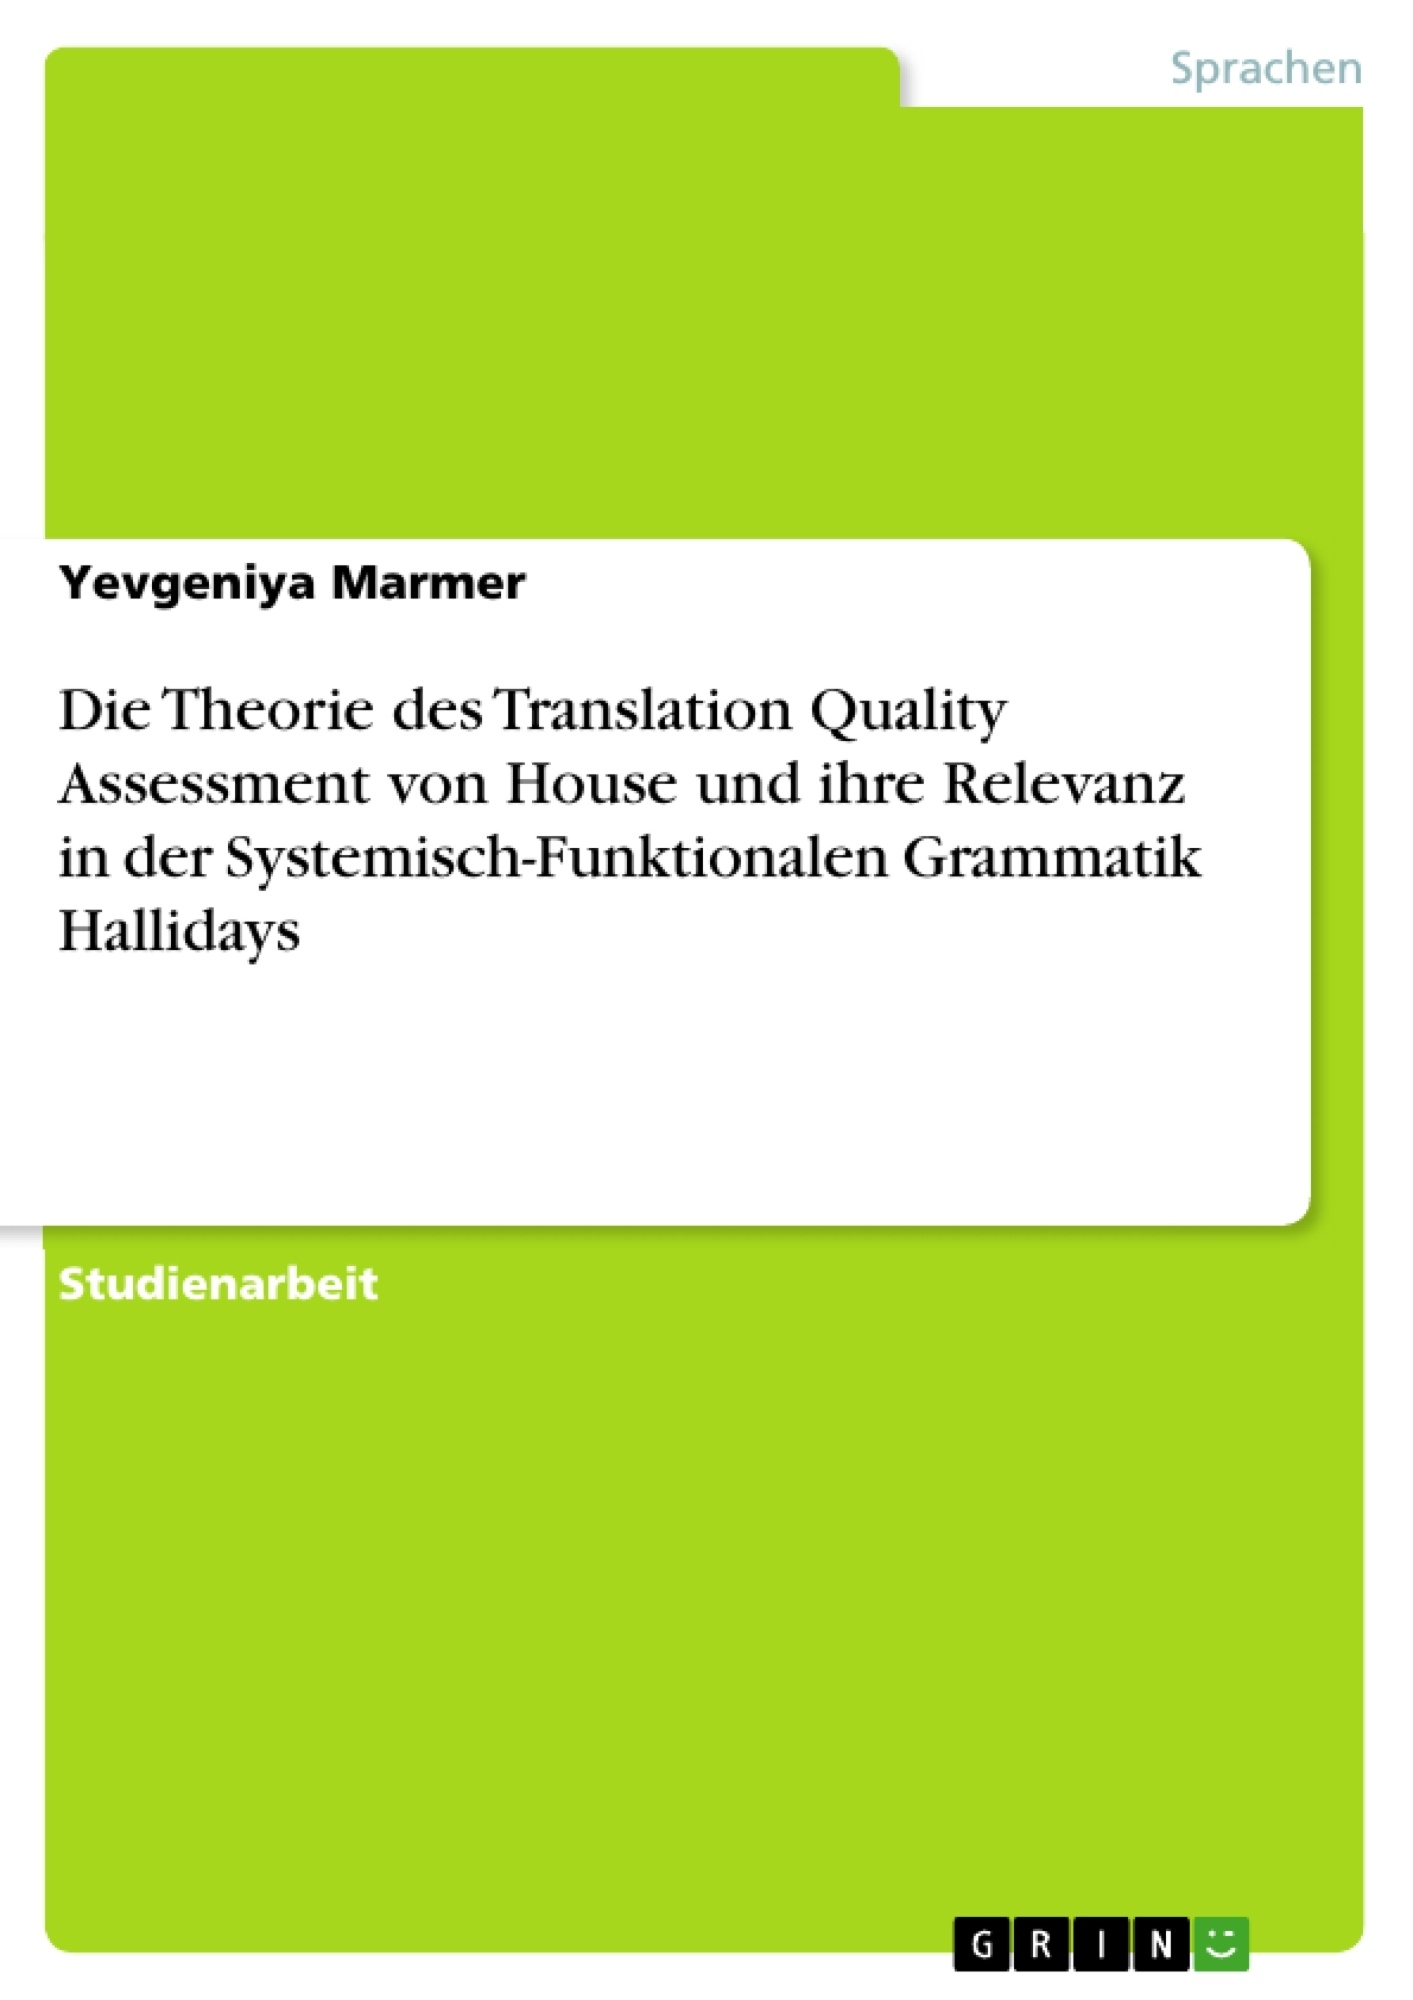 Titel: Die Theorie des Translation Quality Assessment von House und ihre Relevanz in der Systemisch-Funktionalen Grammatik Hallidays